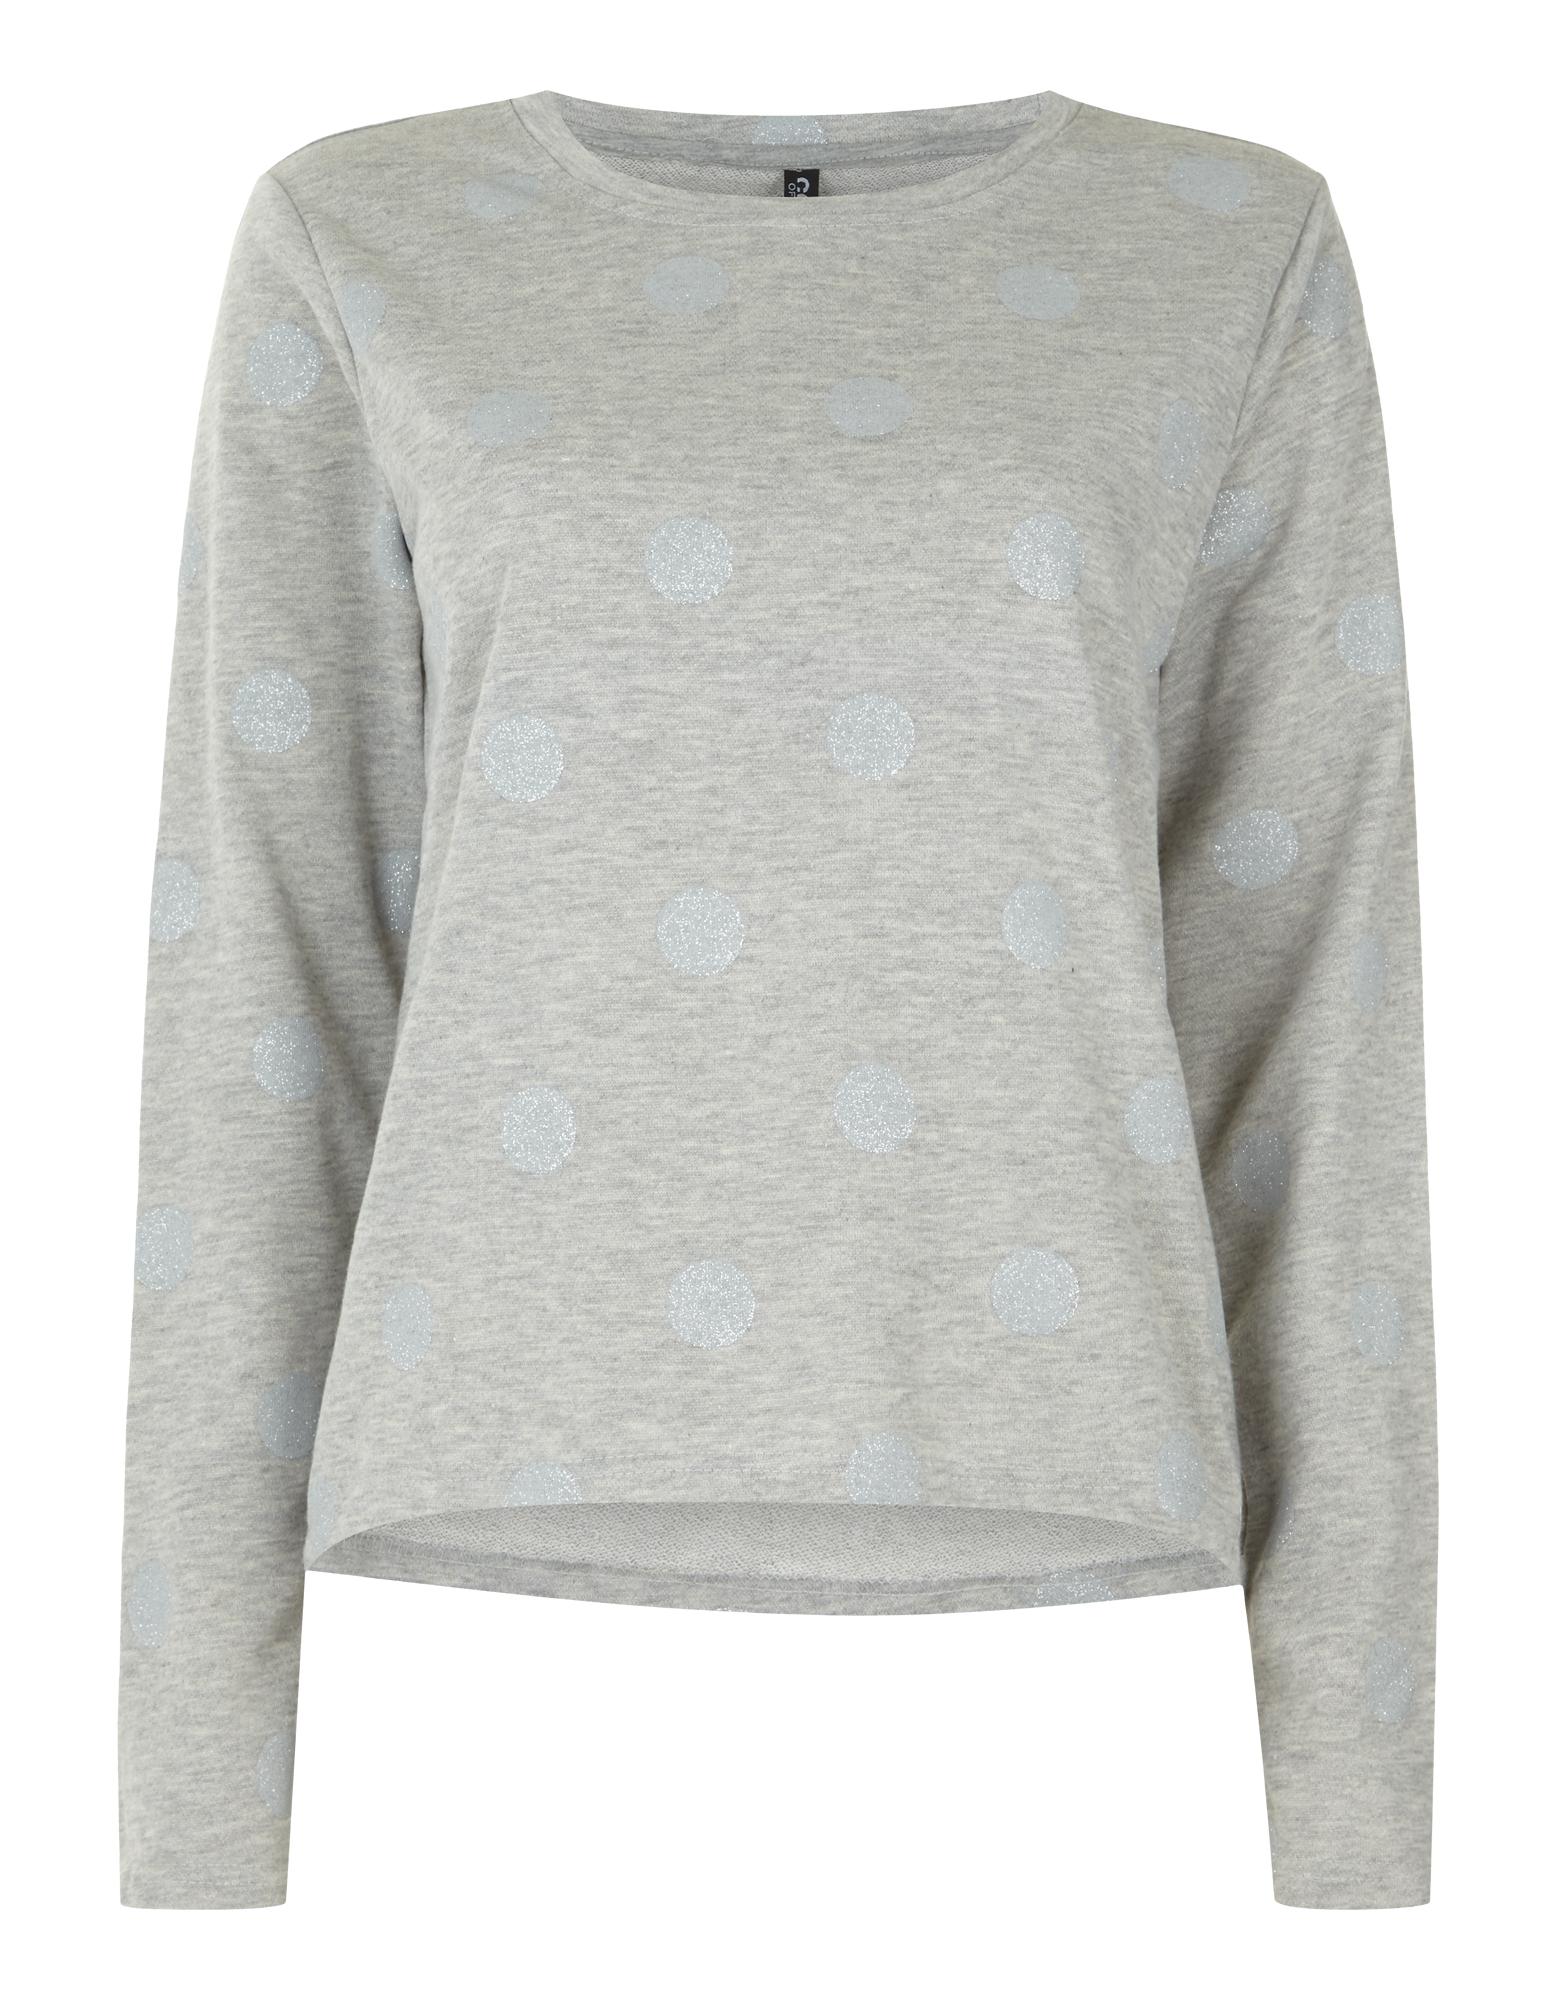 Damen Sweatshirt mit Punktemuster